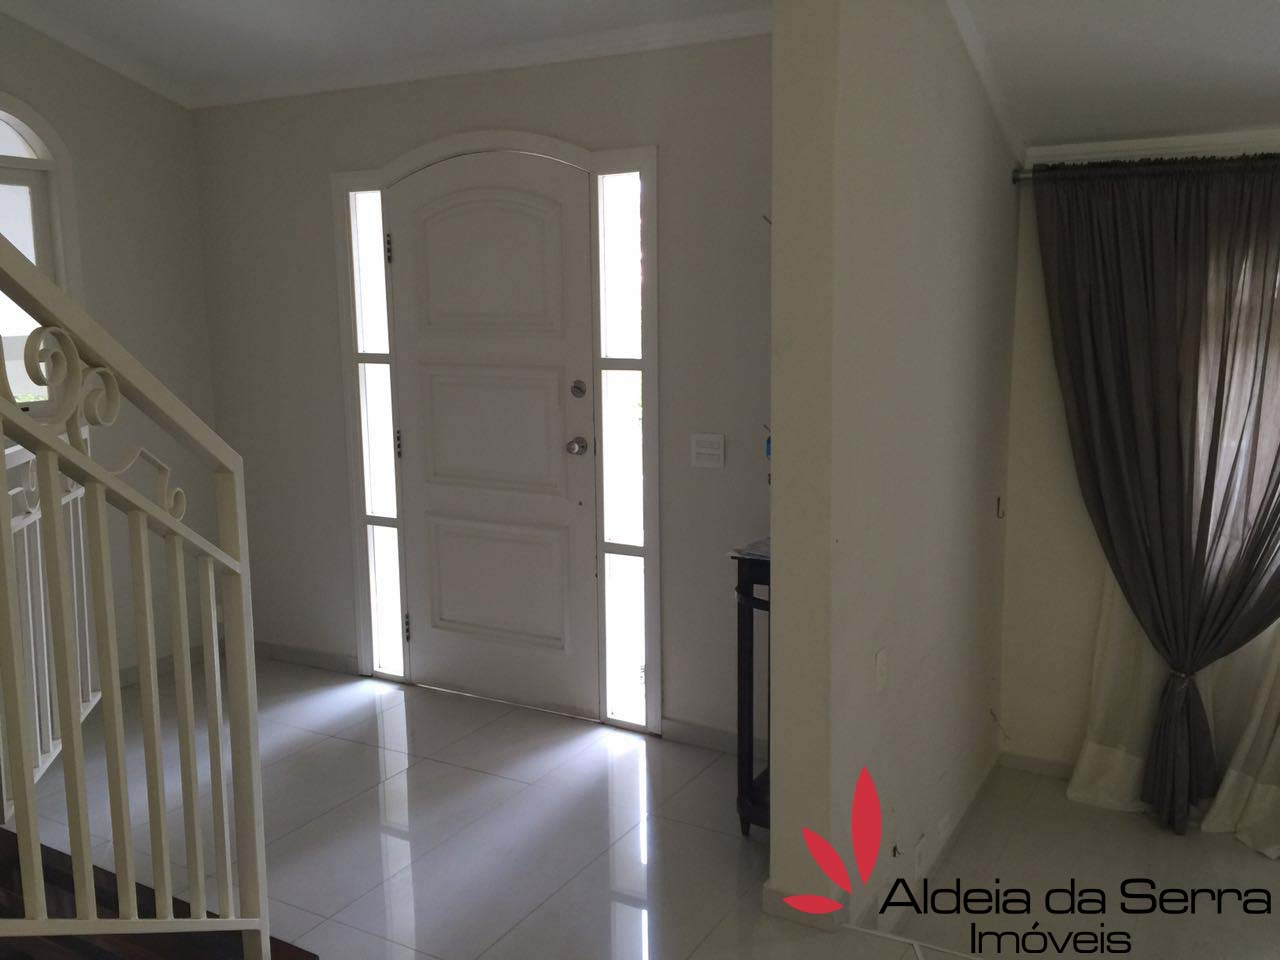 /admin/imoveis/fotos/IMG-20160824-WA0005.jpg Aldeia da Serra Imoveis